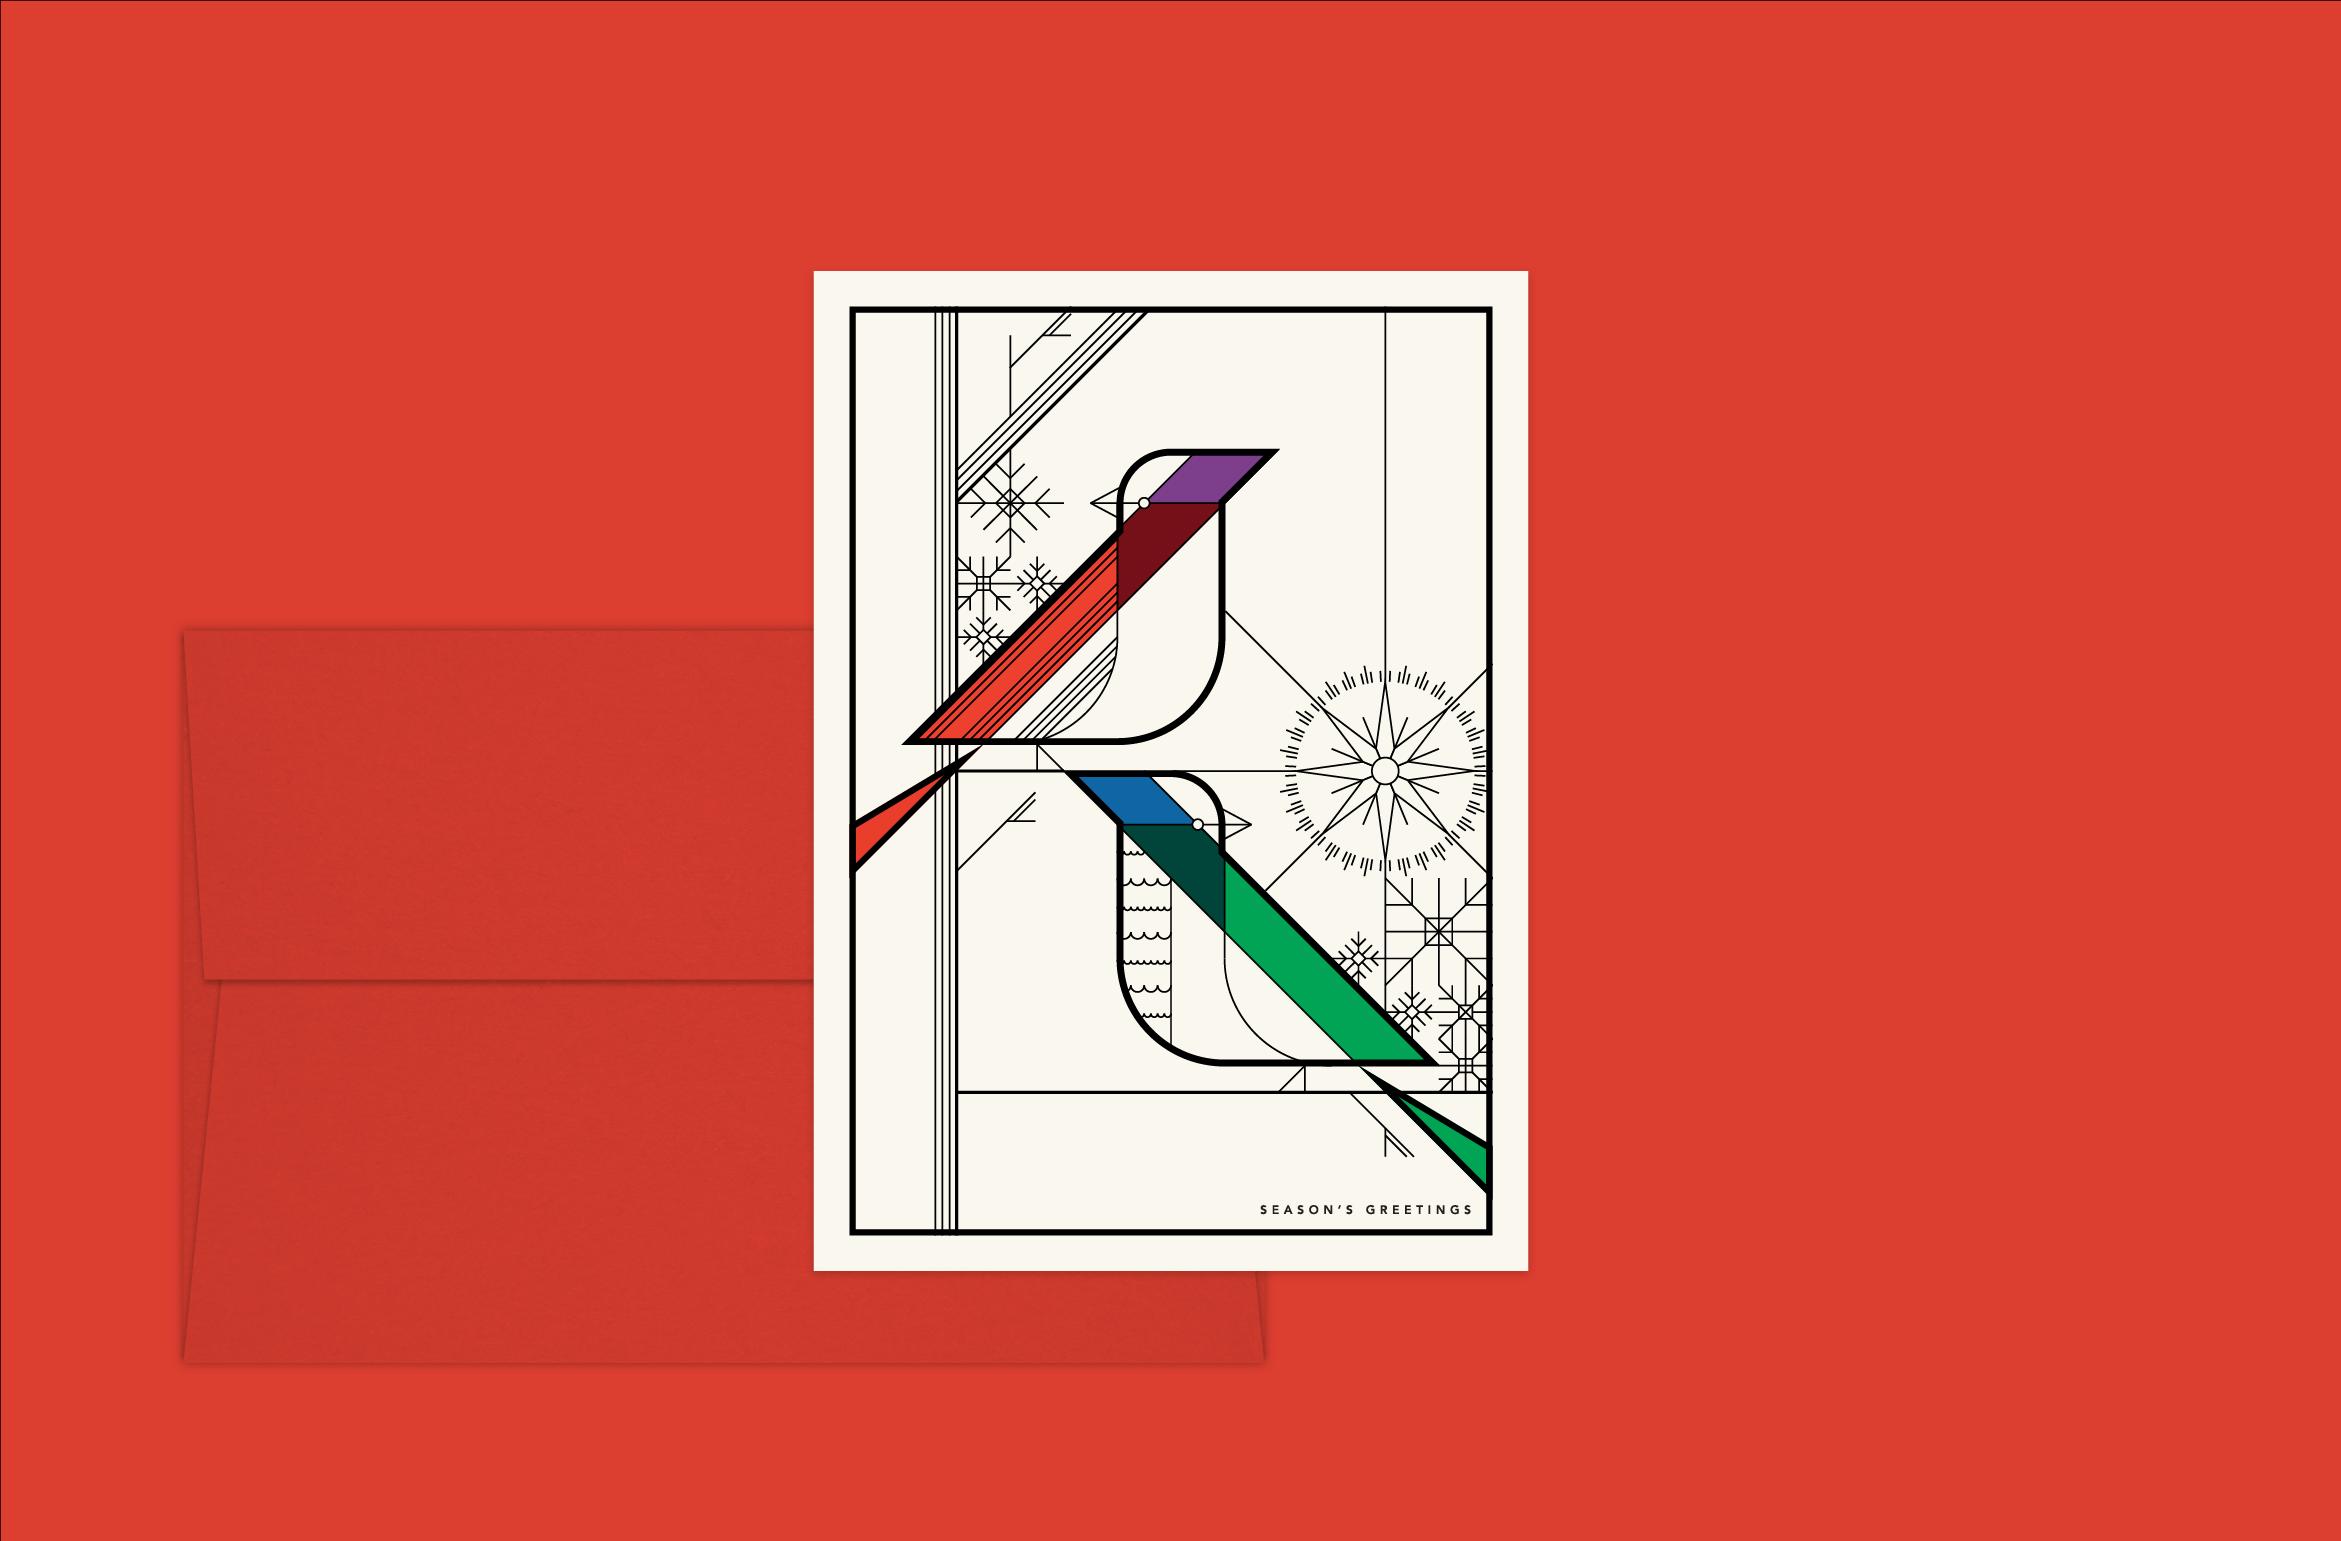 PAP03